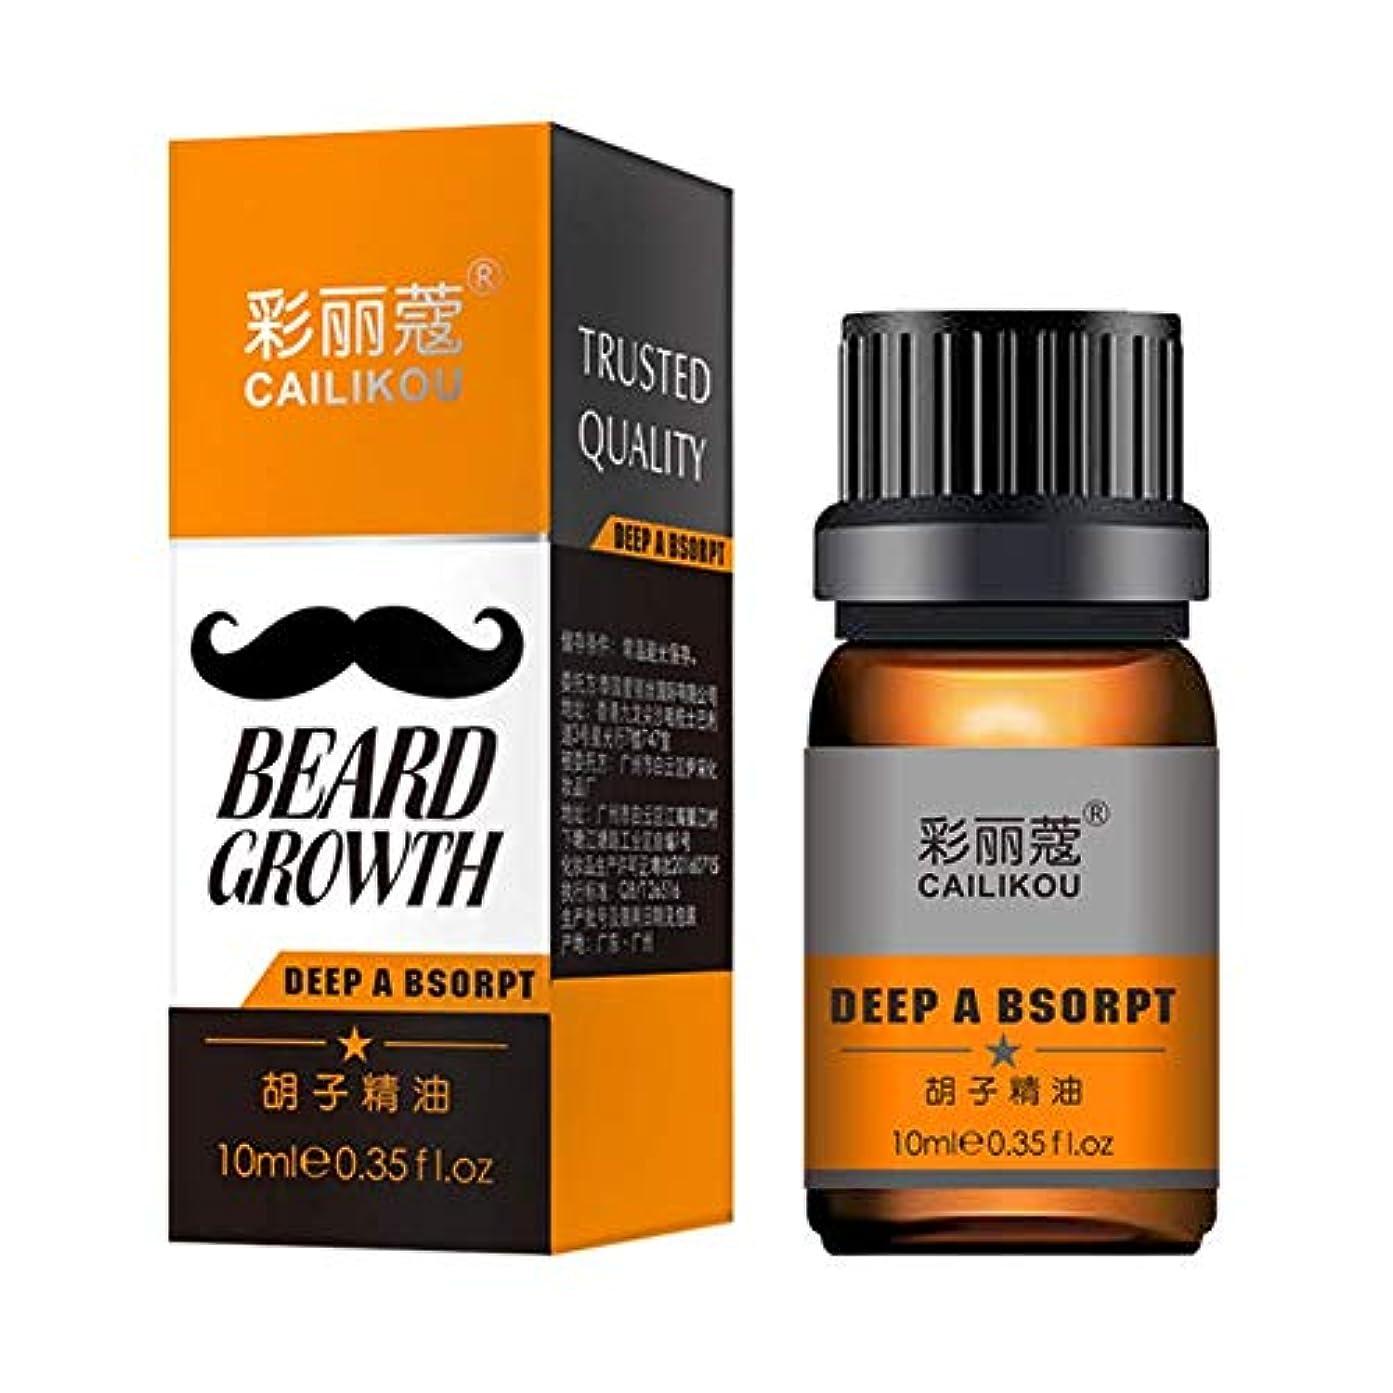 カセット研究狂人男性用ひげ成長エッセンシャルオイル-10種類の天然コンディショナー成分とオーガニックエッセンシャルオイルで作られています